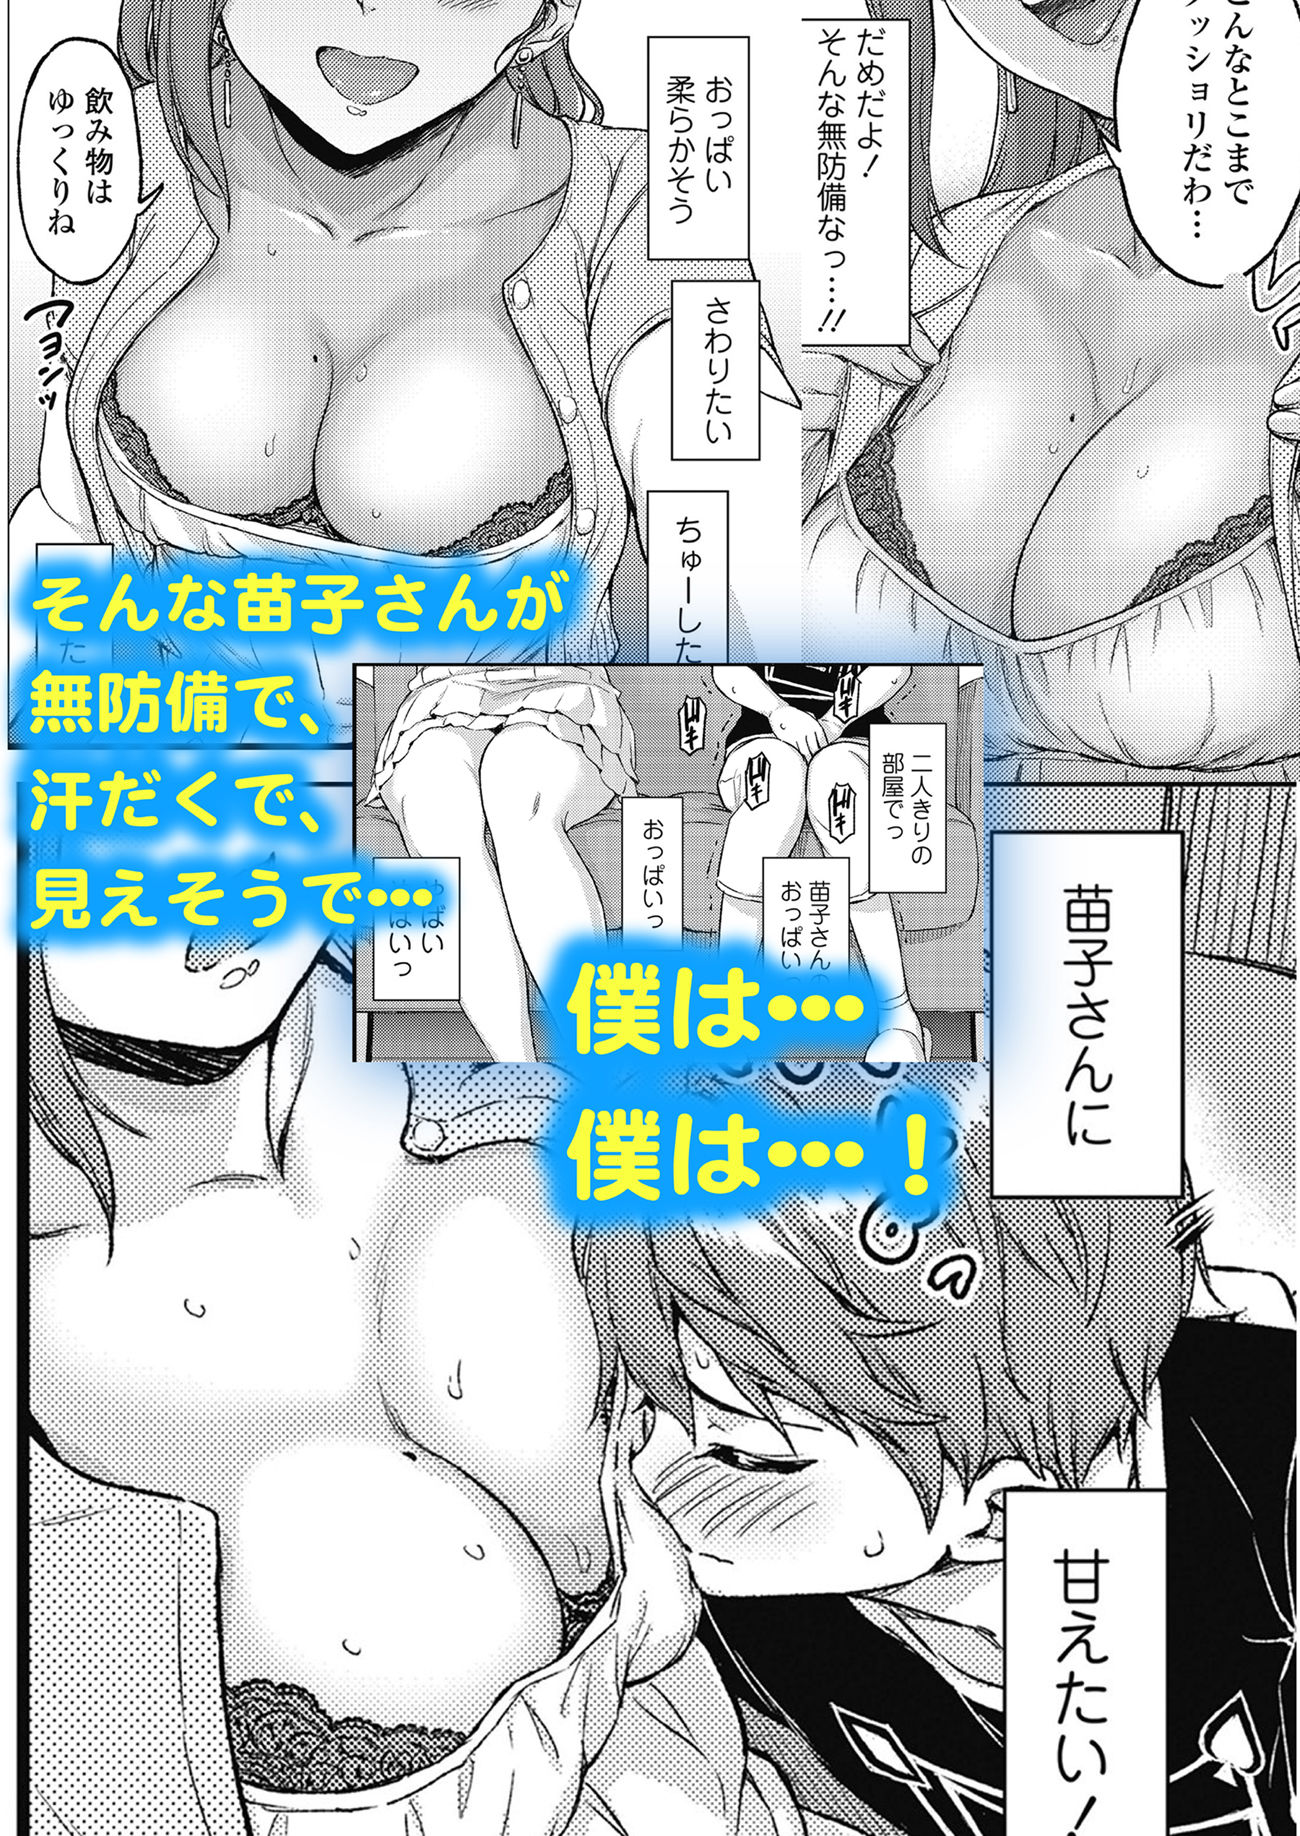 https://www.dmm.co.jp/dc/doujin/-/detail/=/cid=d_149839/